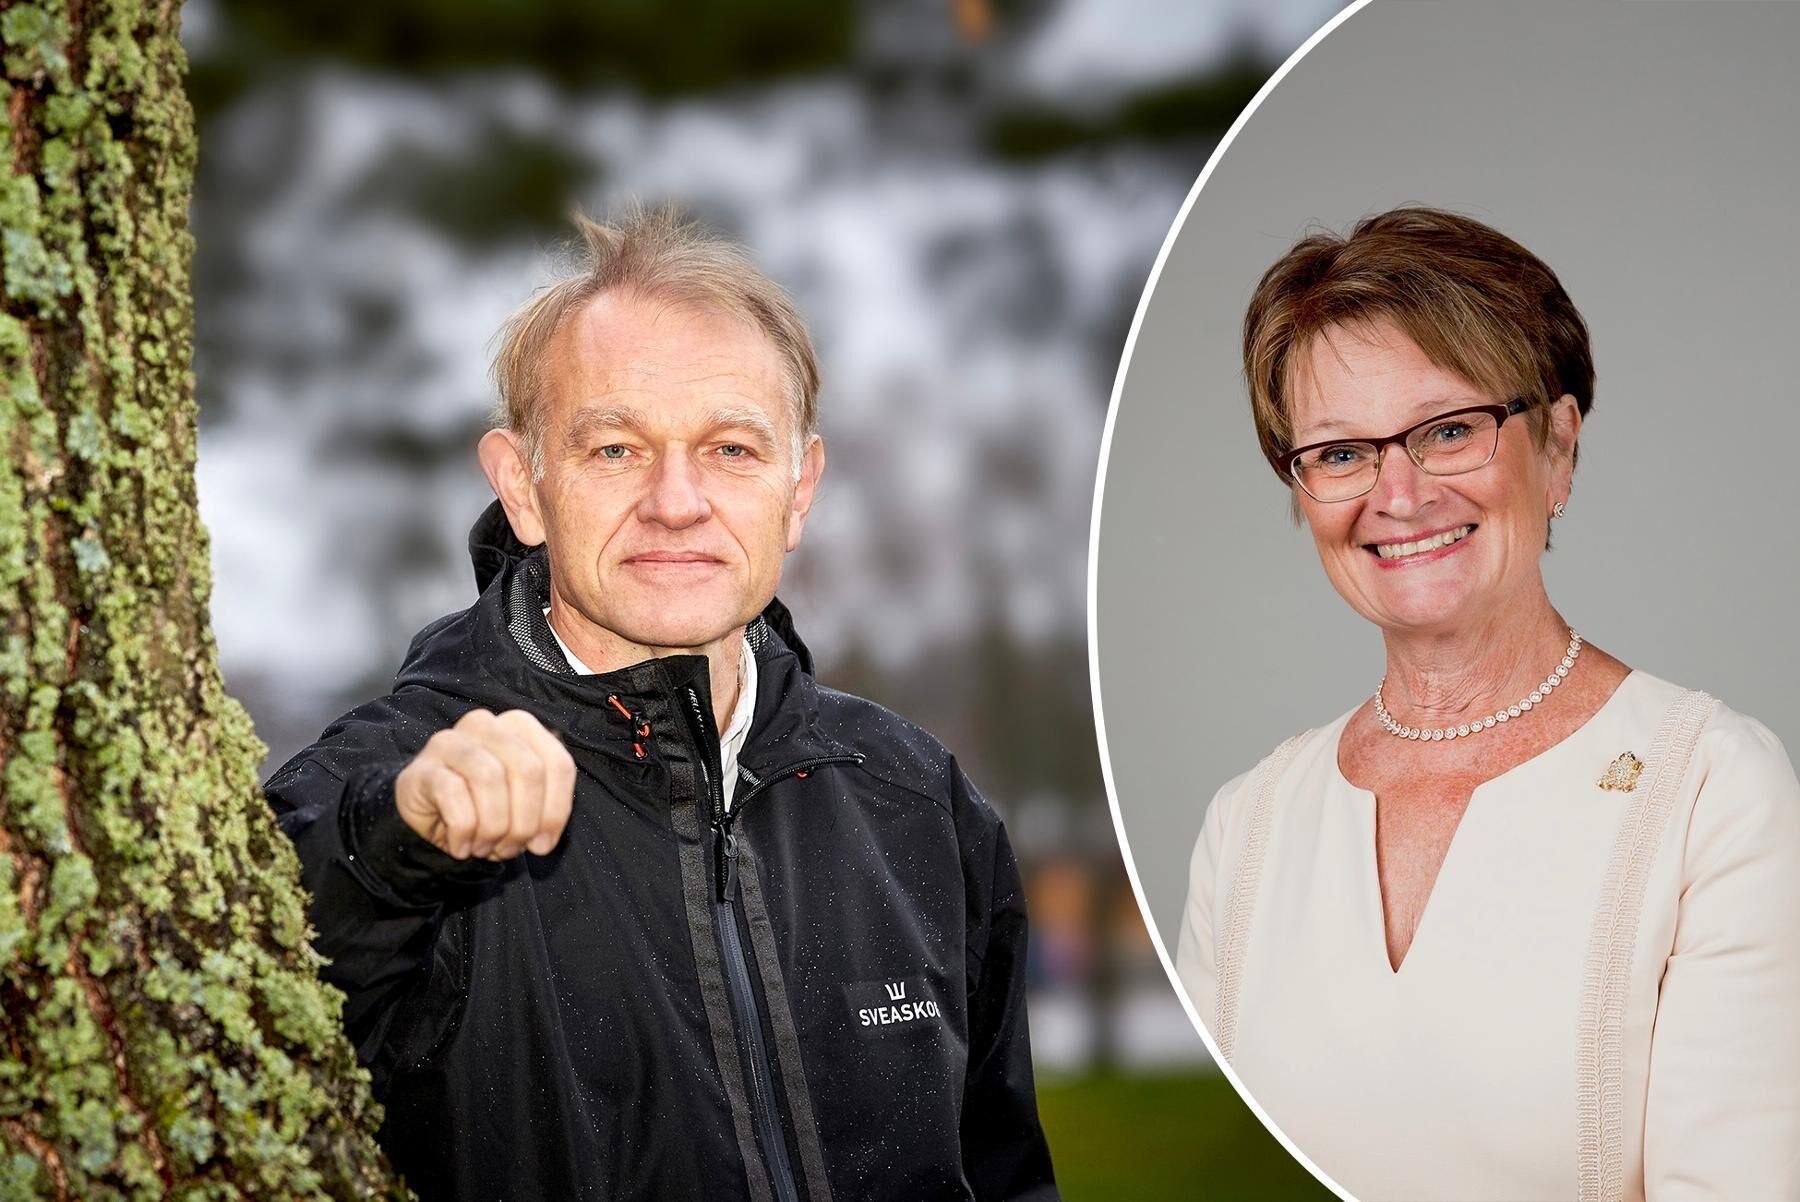 Olof Johansson, Sveaskog, och Ewa Andersen, Sparbankernas riksförbund, är båda kritiska till EU-kommissionens förslag på hållbarhetskriterier.